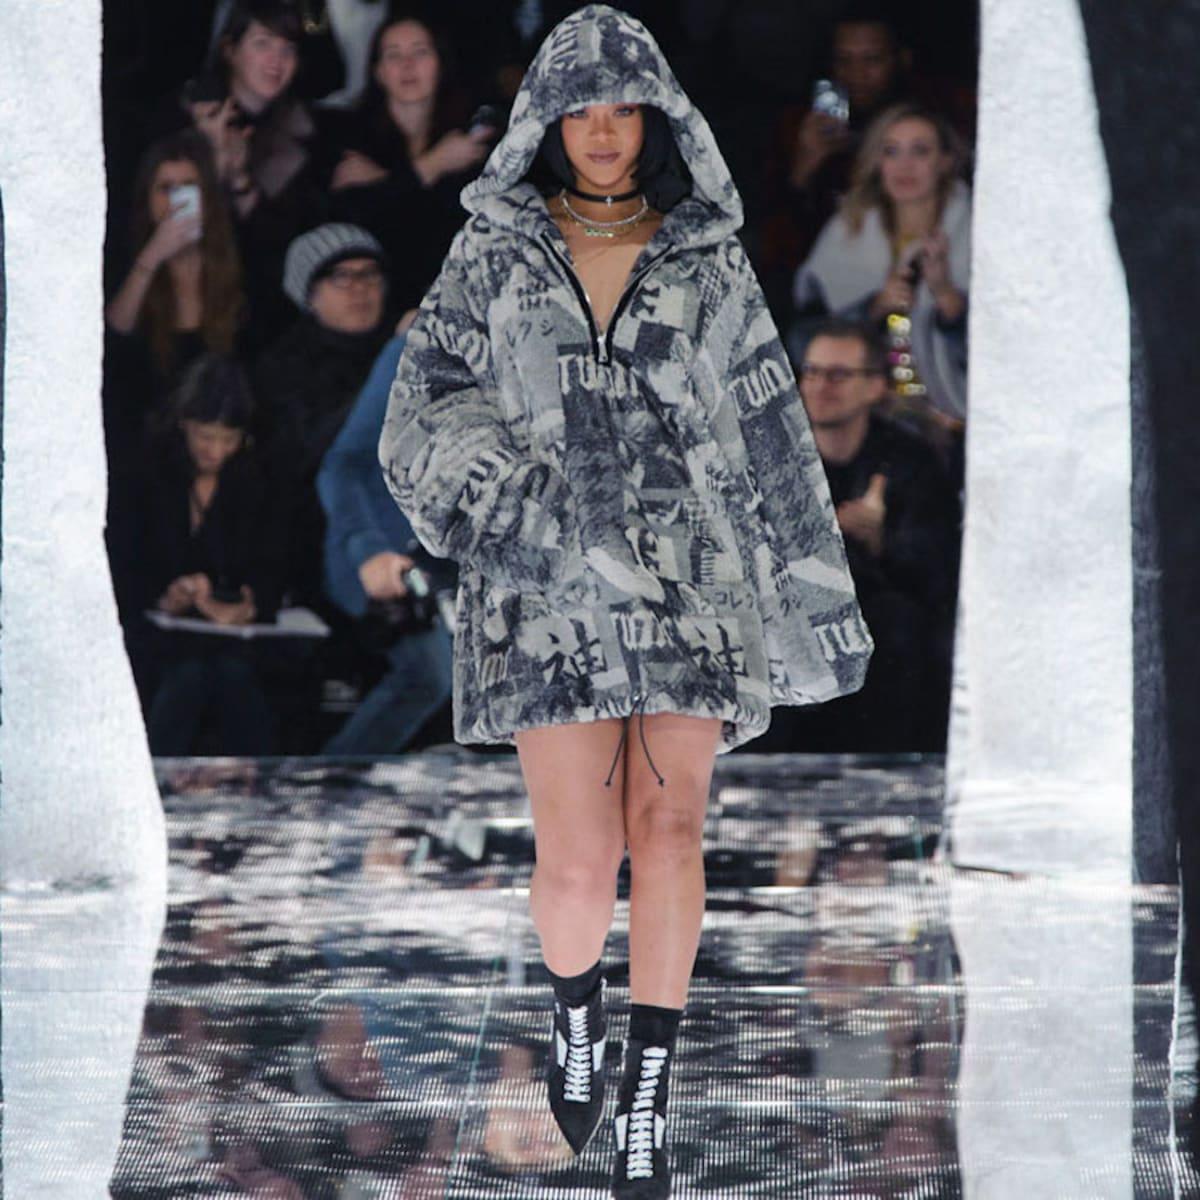 A Review of Rihanna's Fenty x Puma Show